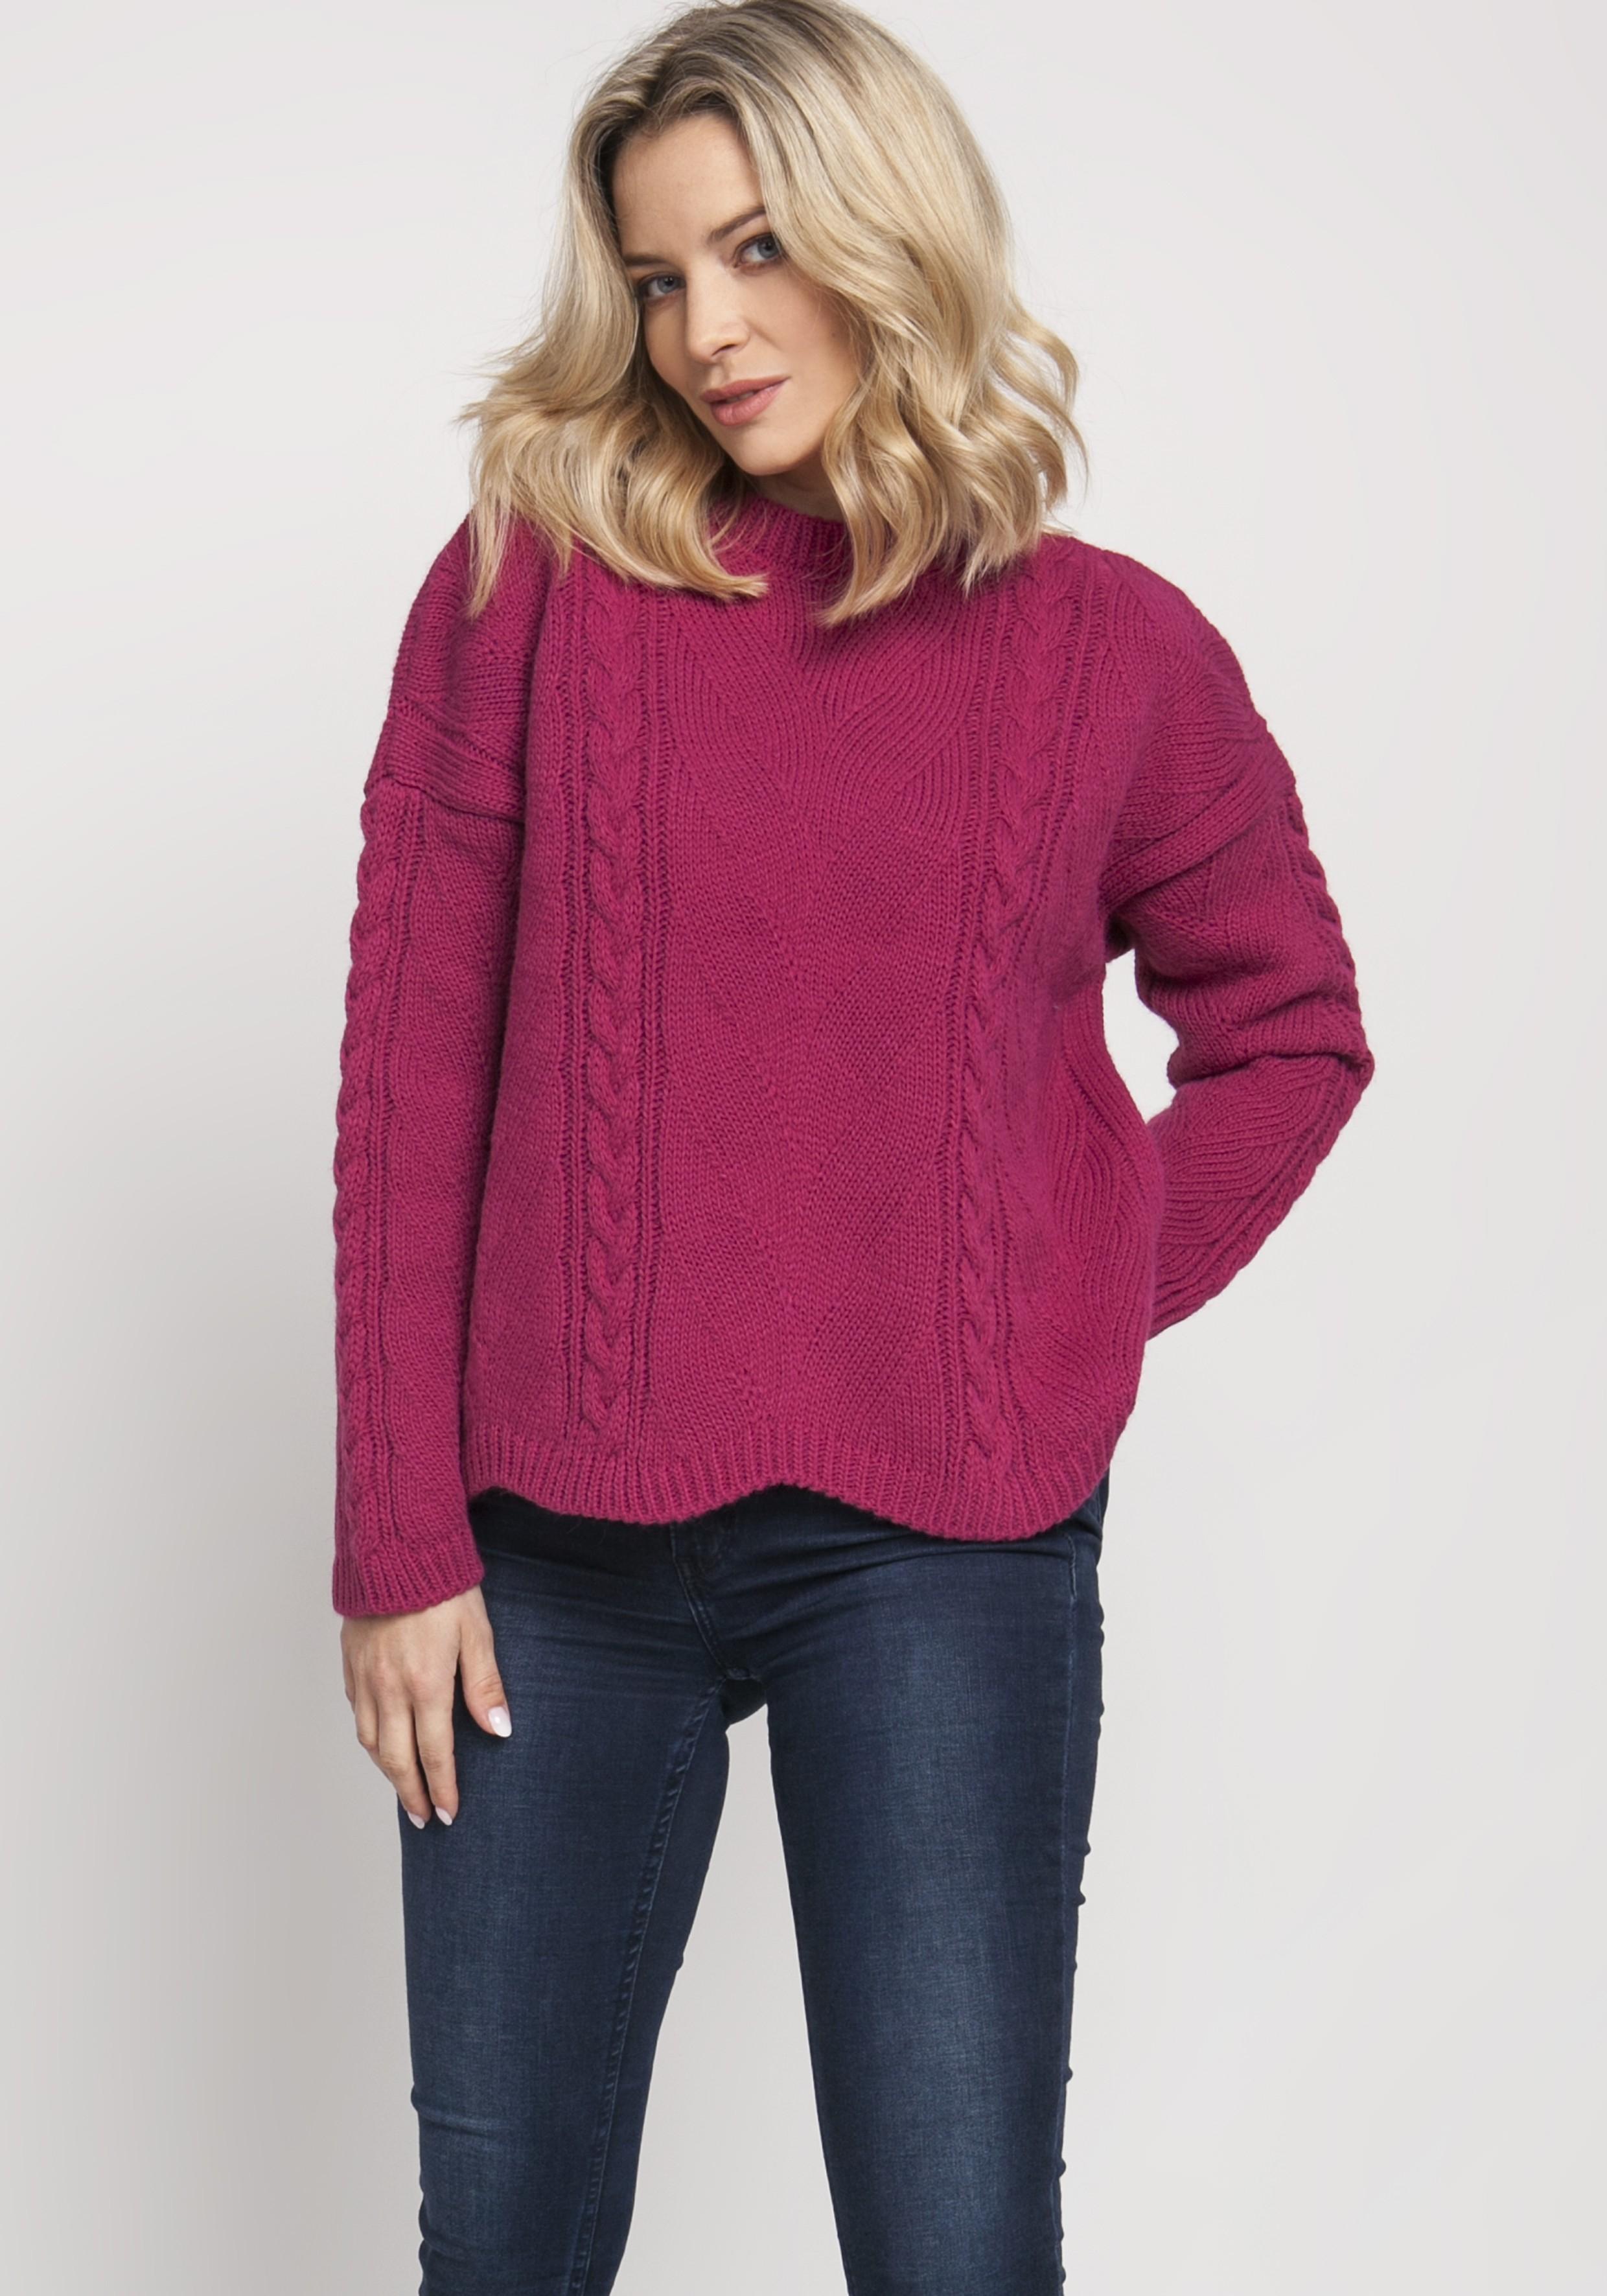 Ružový krátky sveter s pleteným vzorom - S/M